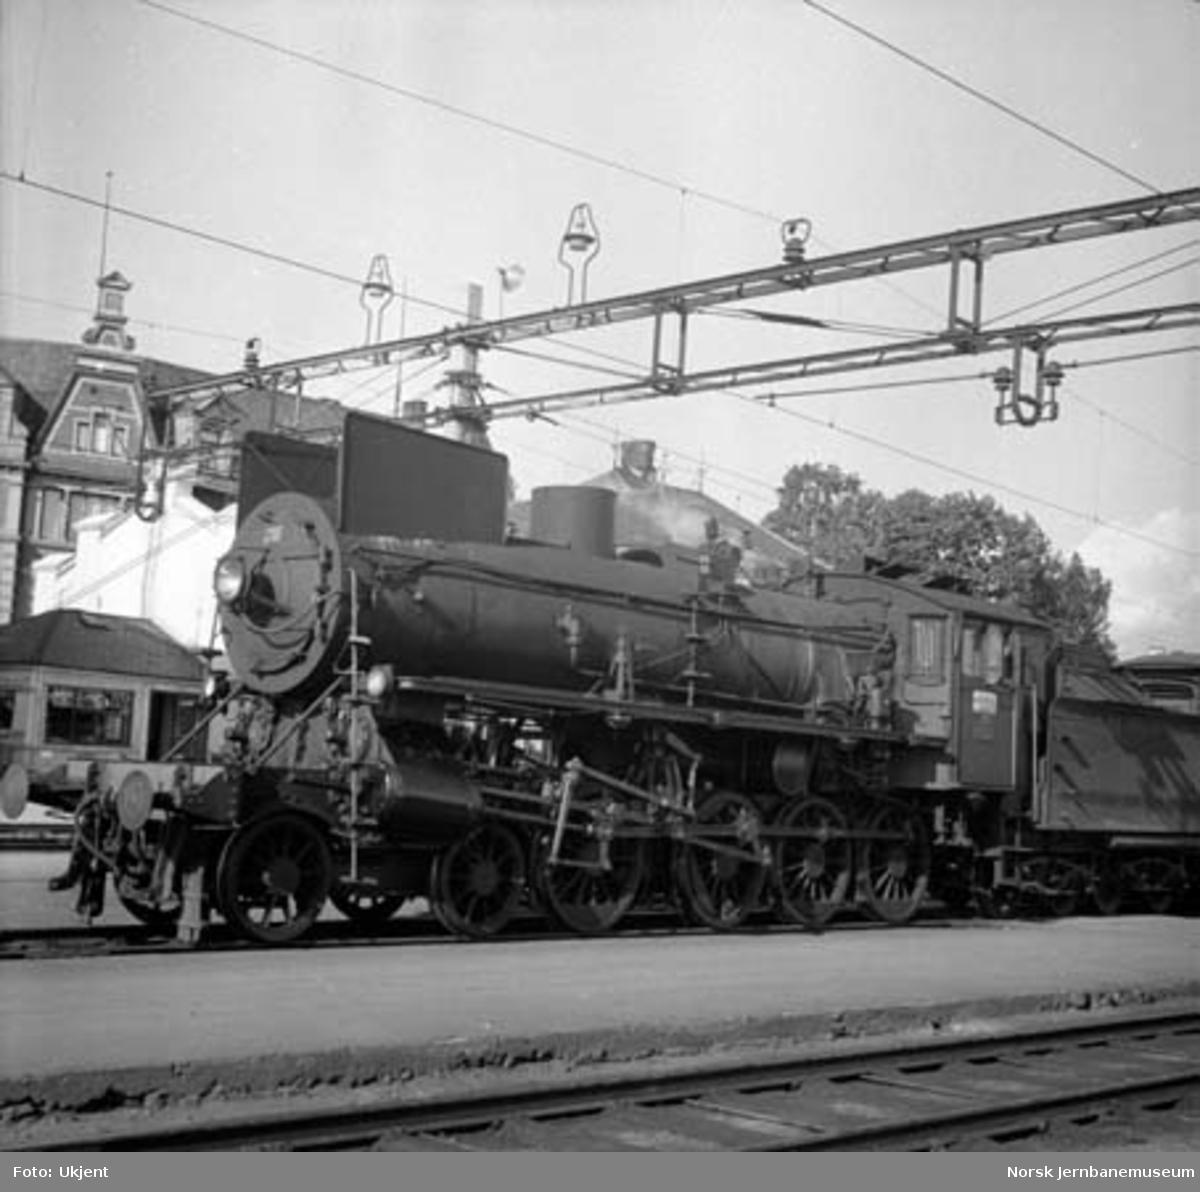 Damplokomotiv type 26a nr. 216 på Hamar stasjon